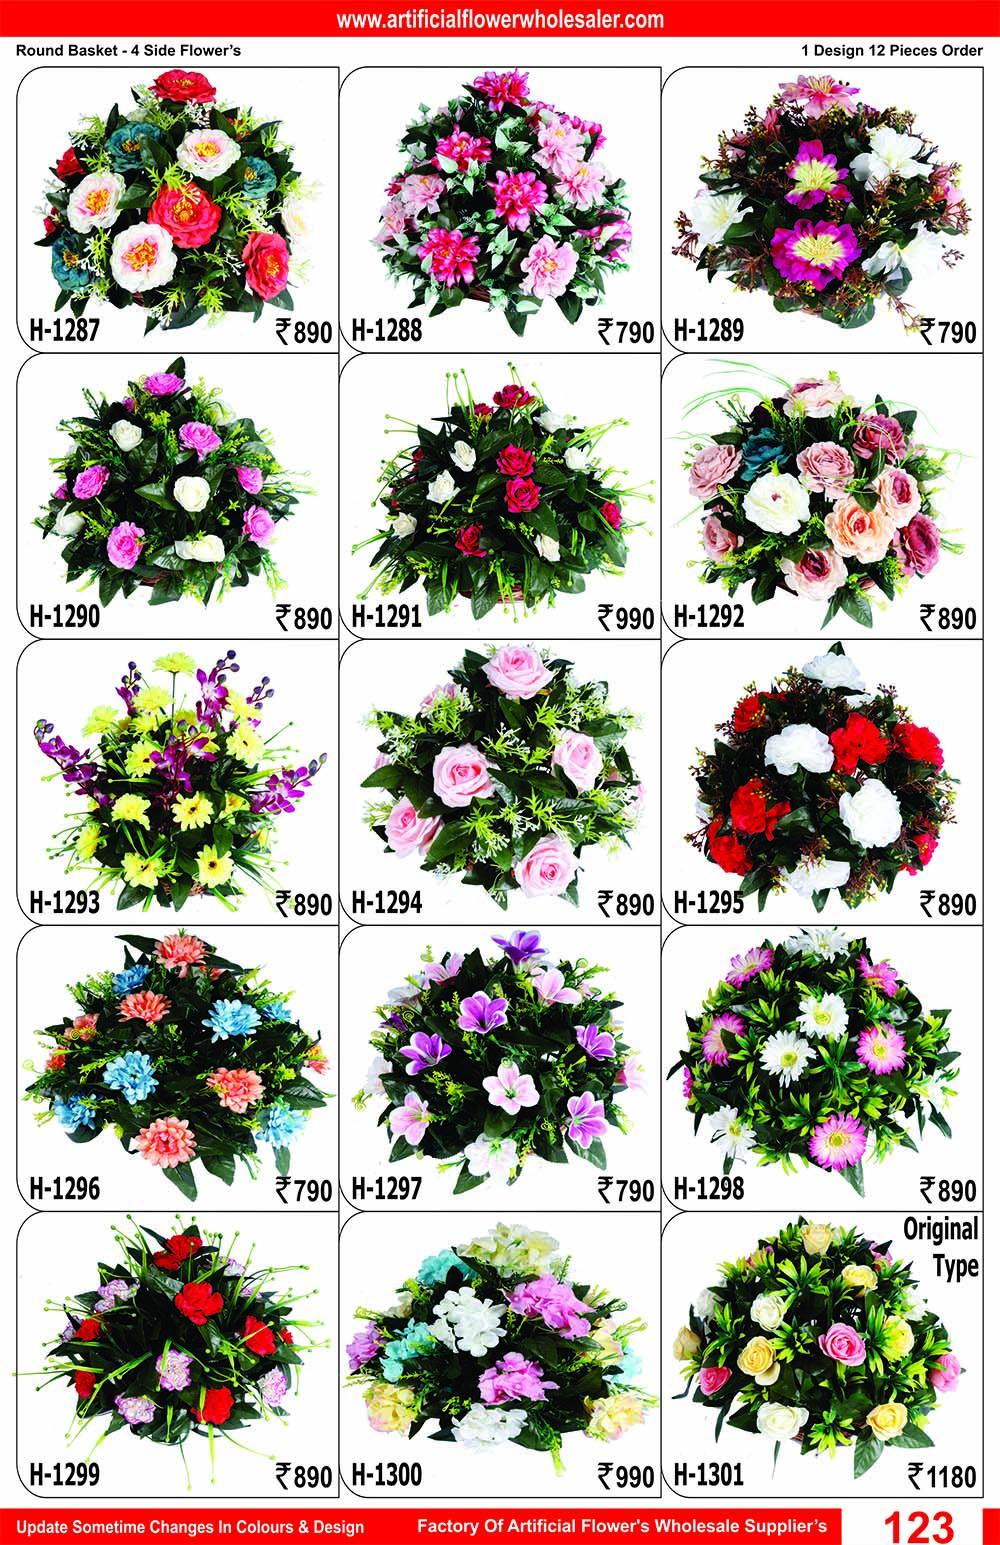 123-artificial-flower-wholesaler